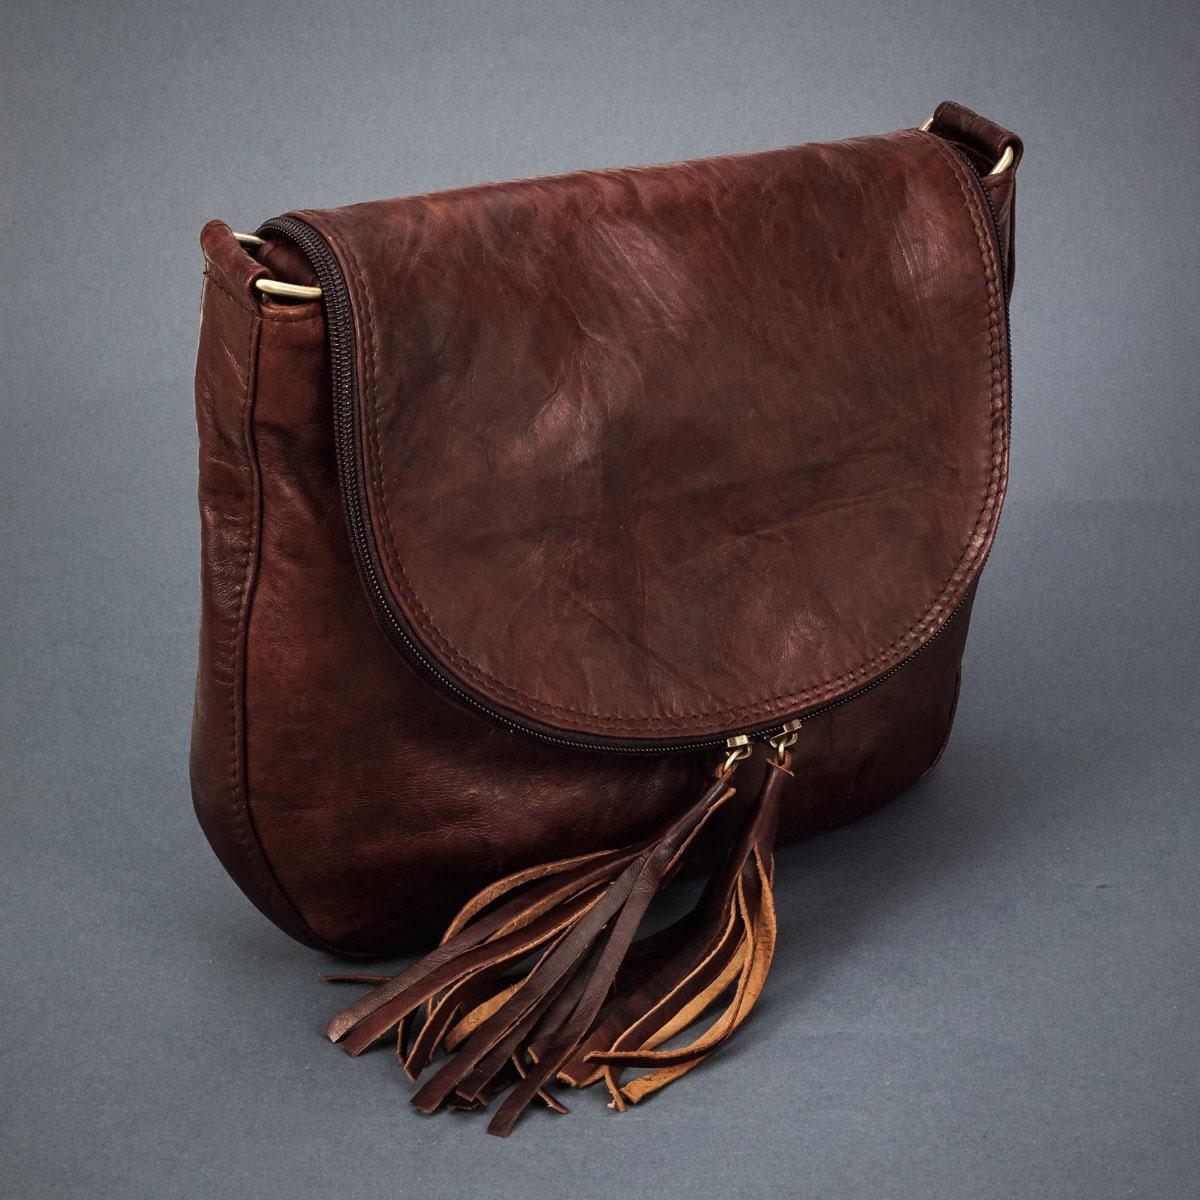 фотография женской сумочки из натуральной кожи